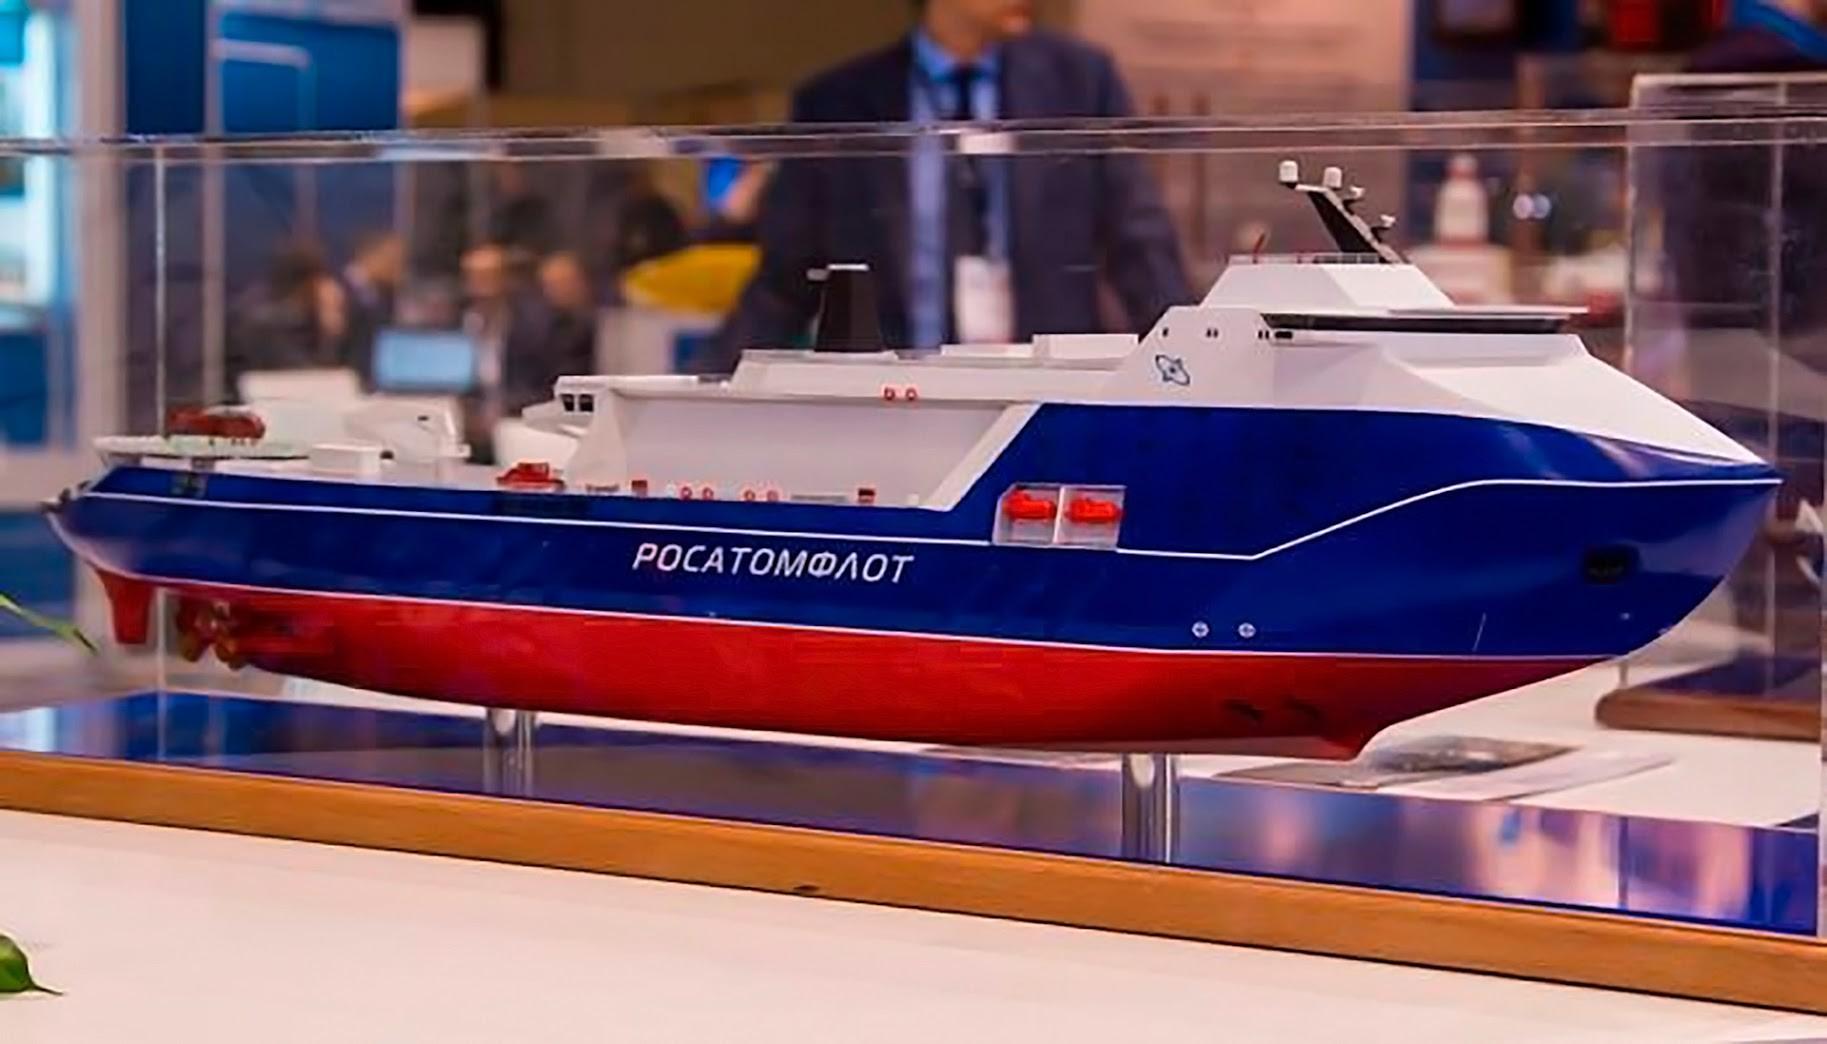 「リーダー」建造は、ソ連時代に建造された砕氷船を更新するための巨額プロジェクトの一つだ。この新鋭艦は、14ノット(約24 km / h)の速度で航行し、最大で厚さ4.4 mの氷を砕くことができる。